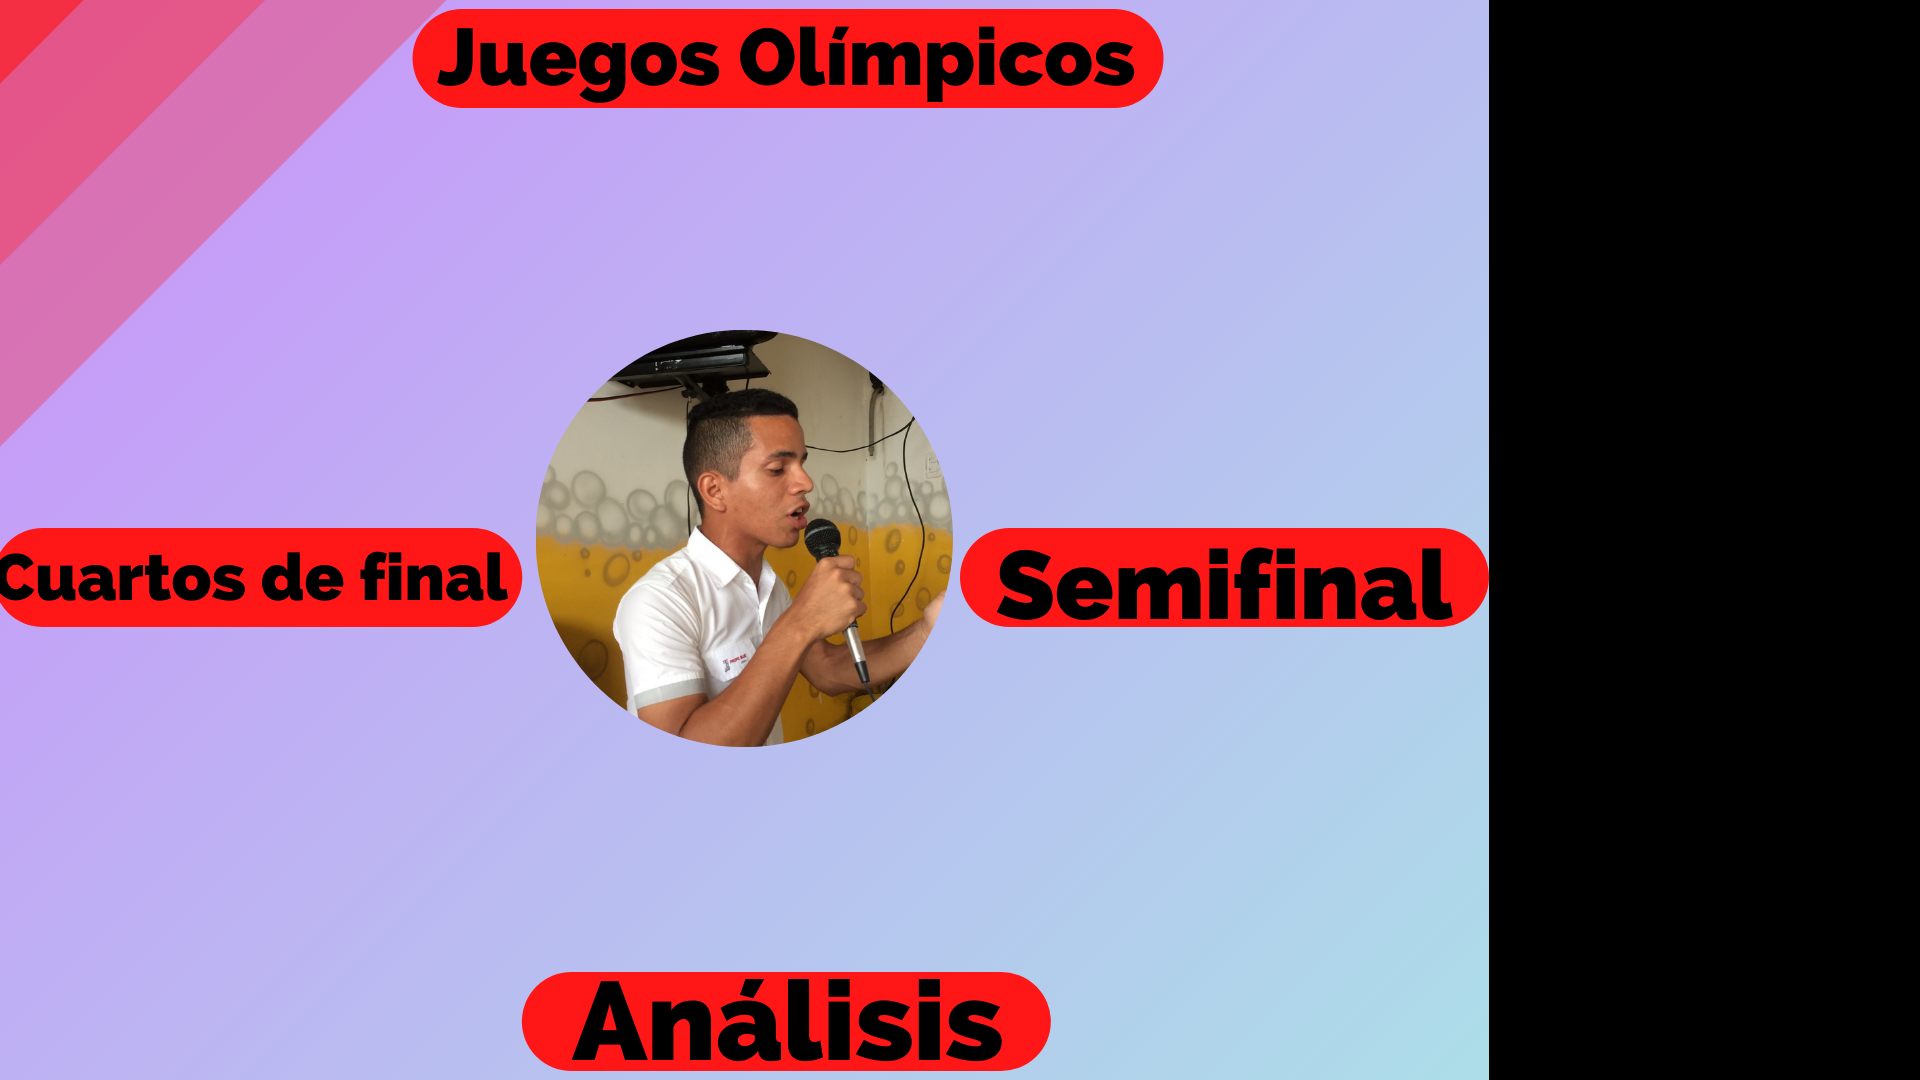 Juegos Olímpicos.png